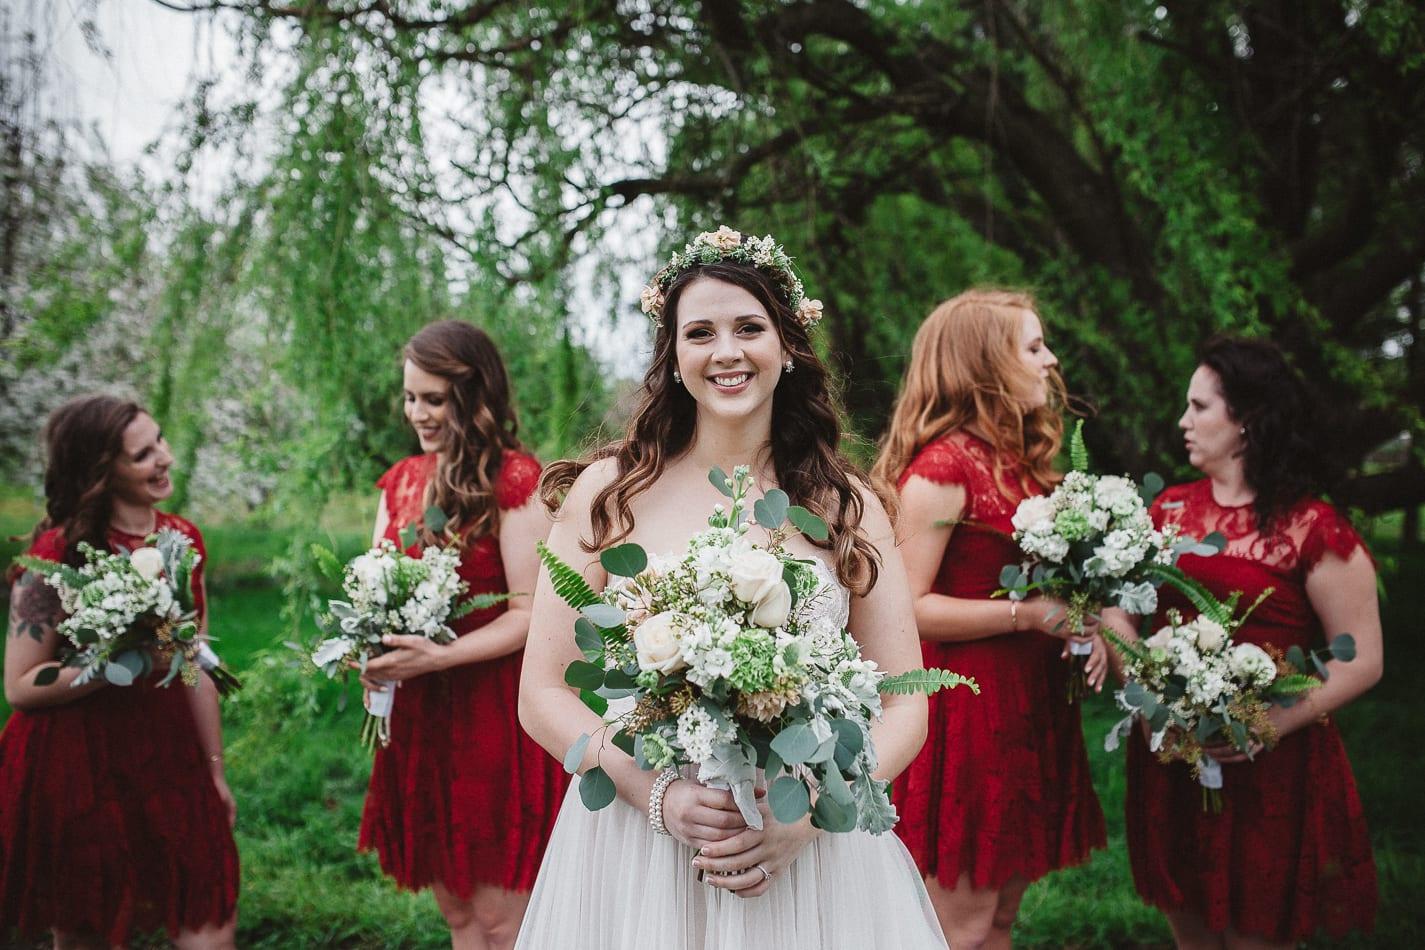 gover-ranch-redding-california-wedding-photographer-87